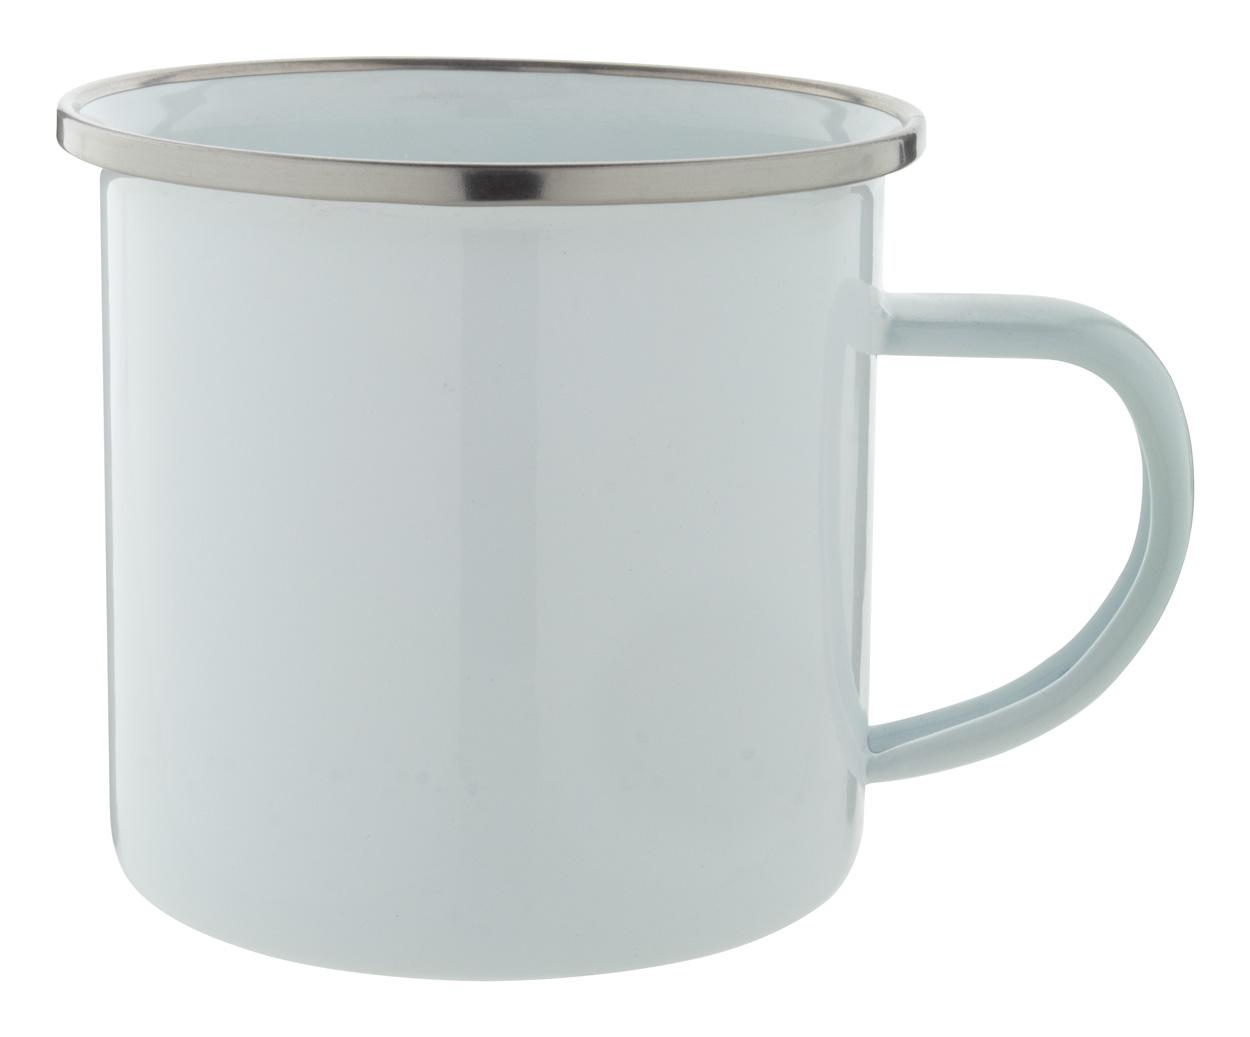 Joplin metal vintage mug